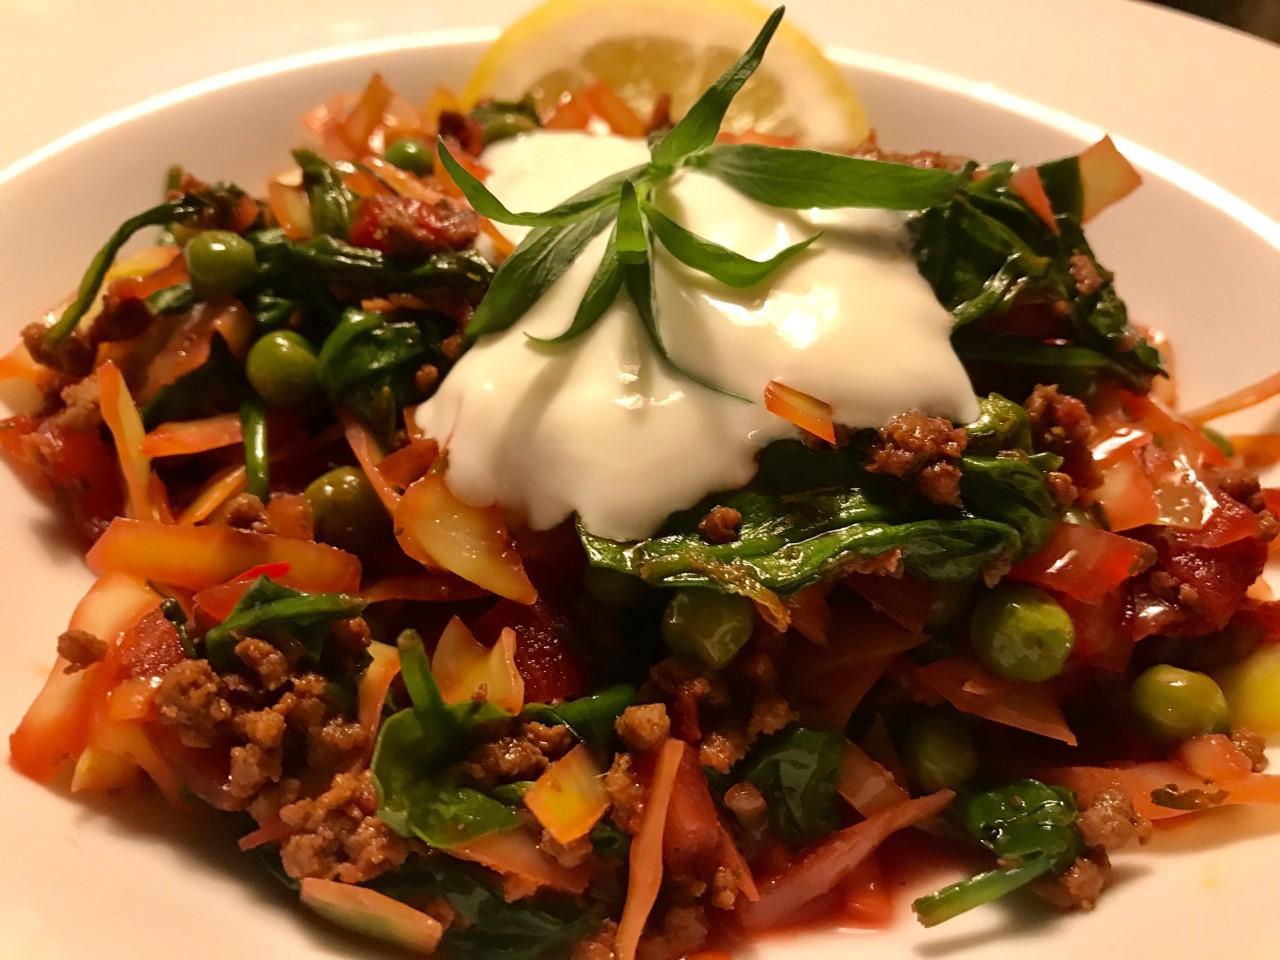 Prinsessehvidkål med oksekød, spinat og varme krydderier